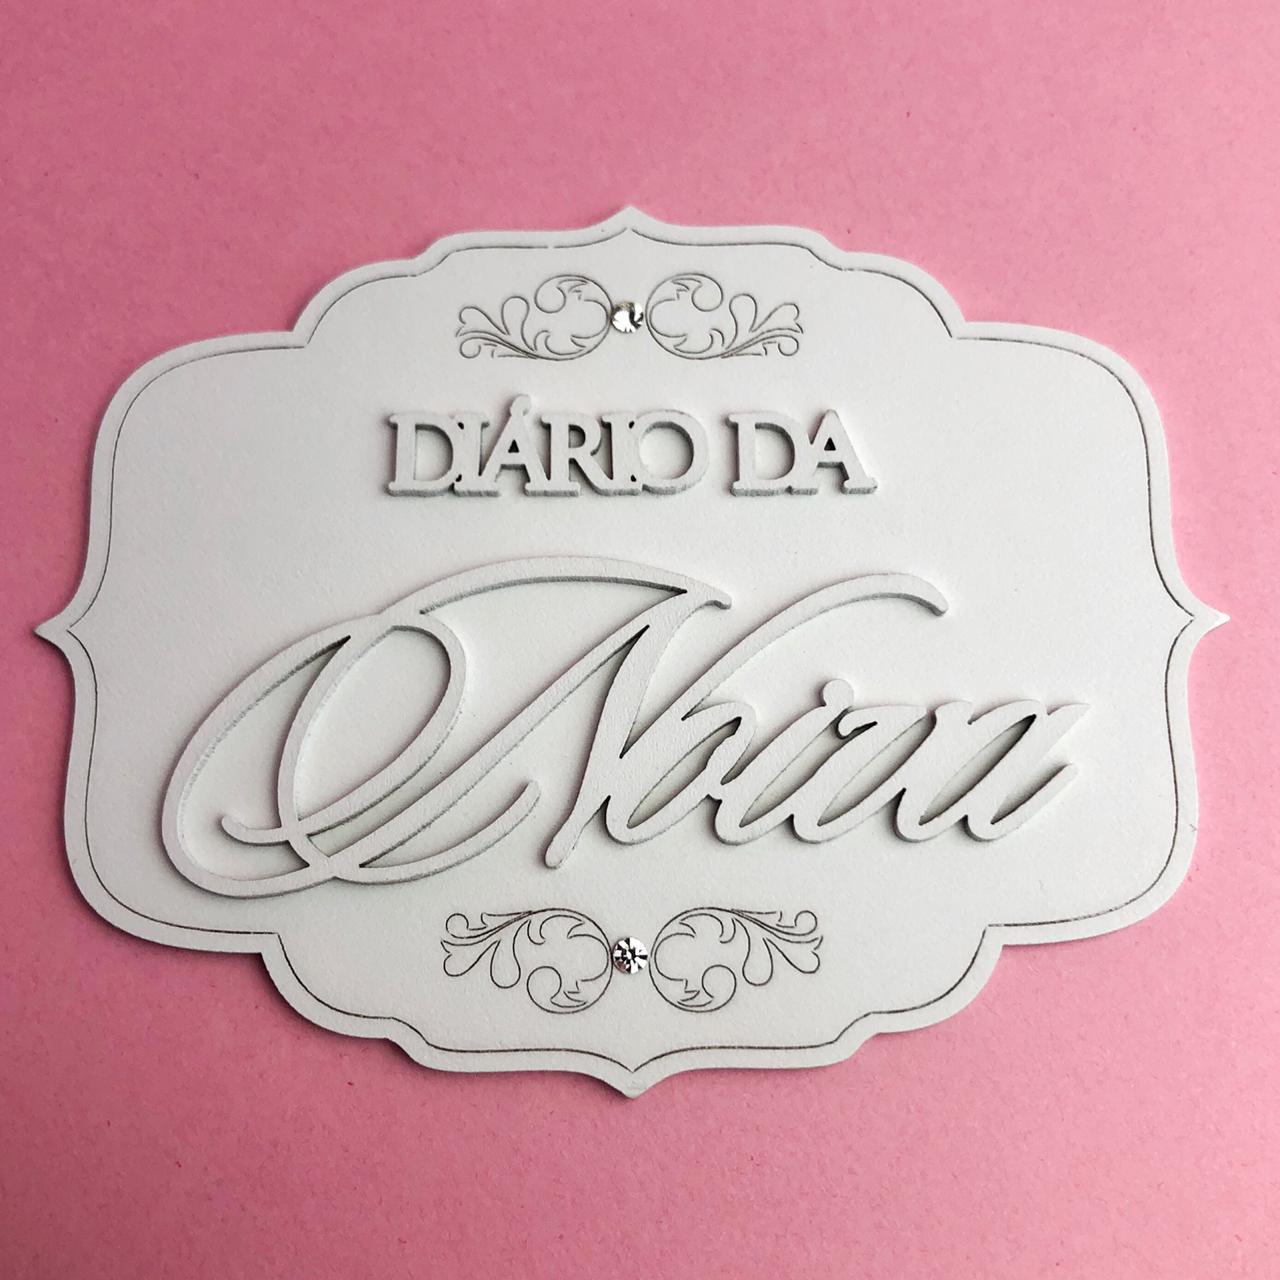 Enfeite Tag Diário da noiva - BG Crafts (BG12)